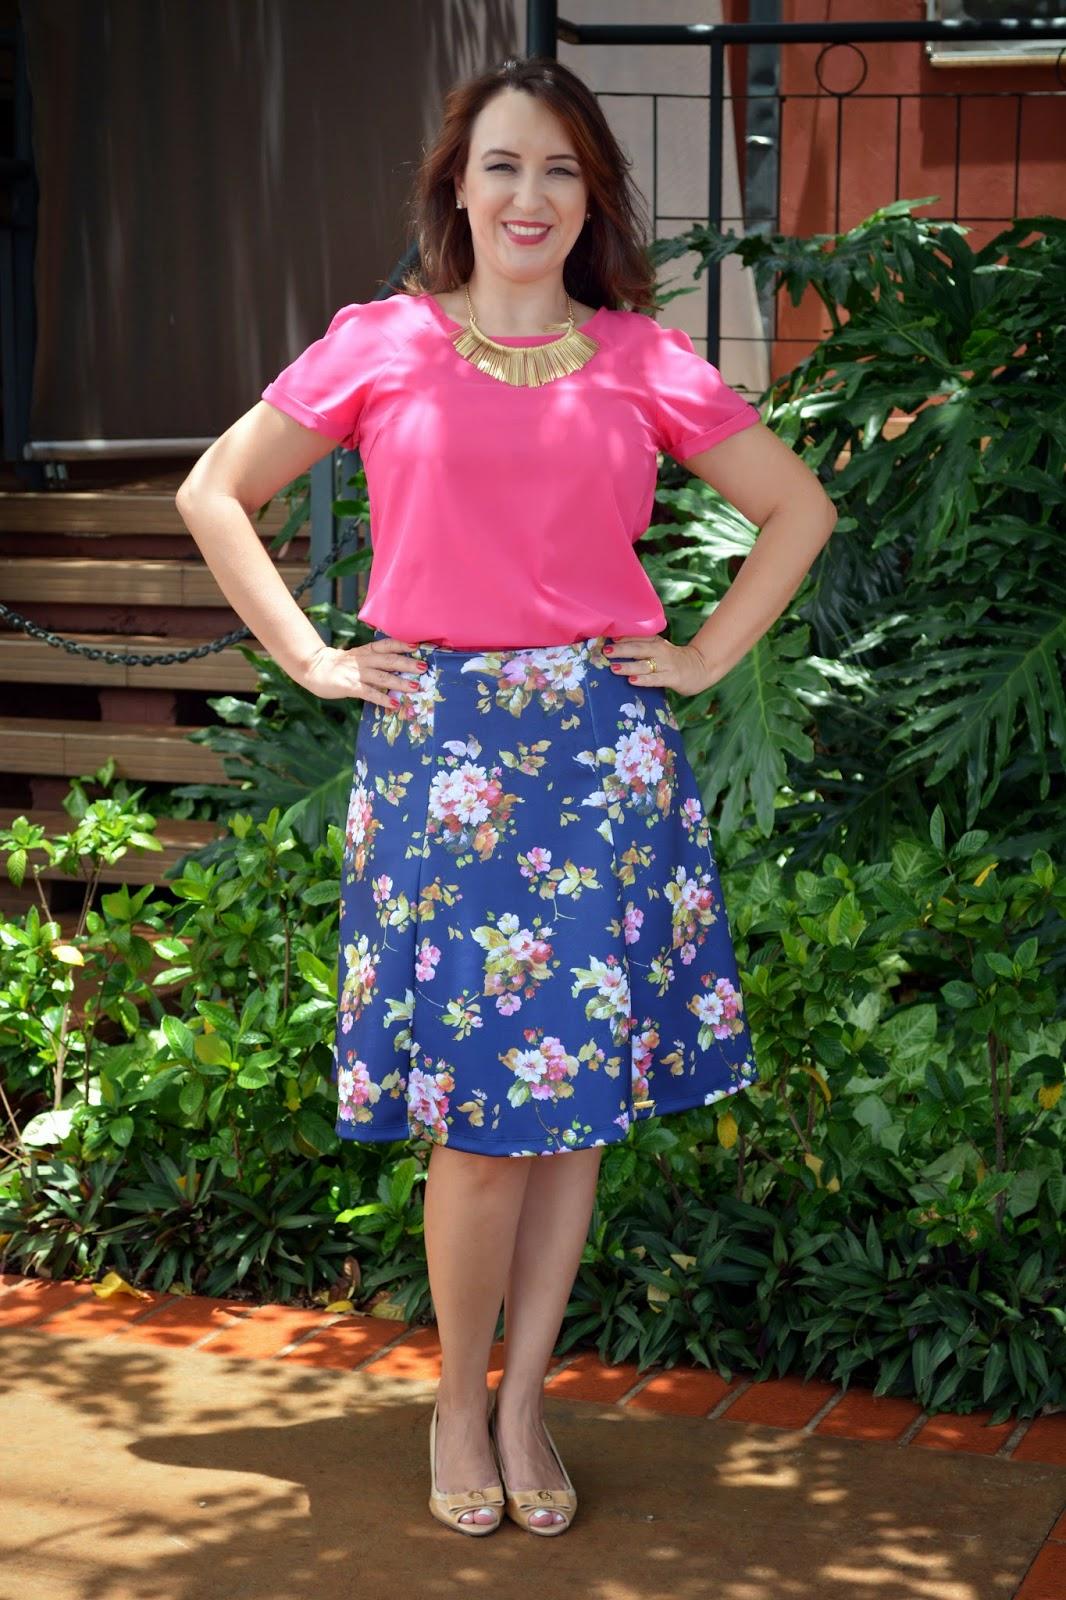 blusa pink, saia floral, saia floral rodasa, saia floral evasê, sapato nude, sapato nude carmen steffens, blog de moda em ribeirão preto, blogueira de moda em ribeirão preto, fashion blogger, blog camila andrade